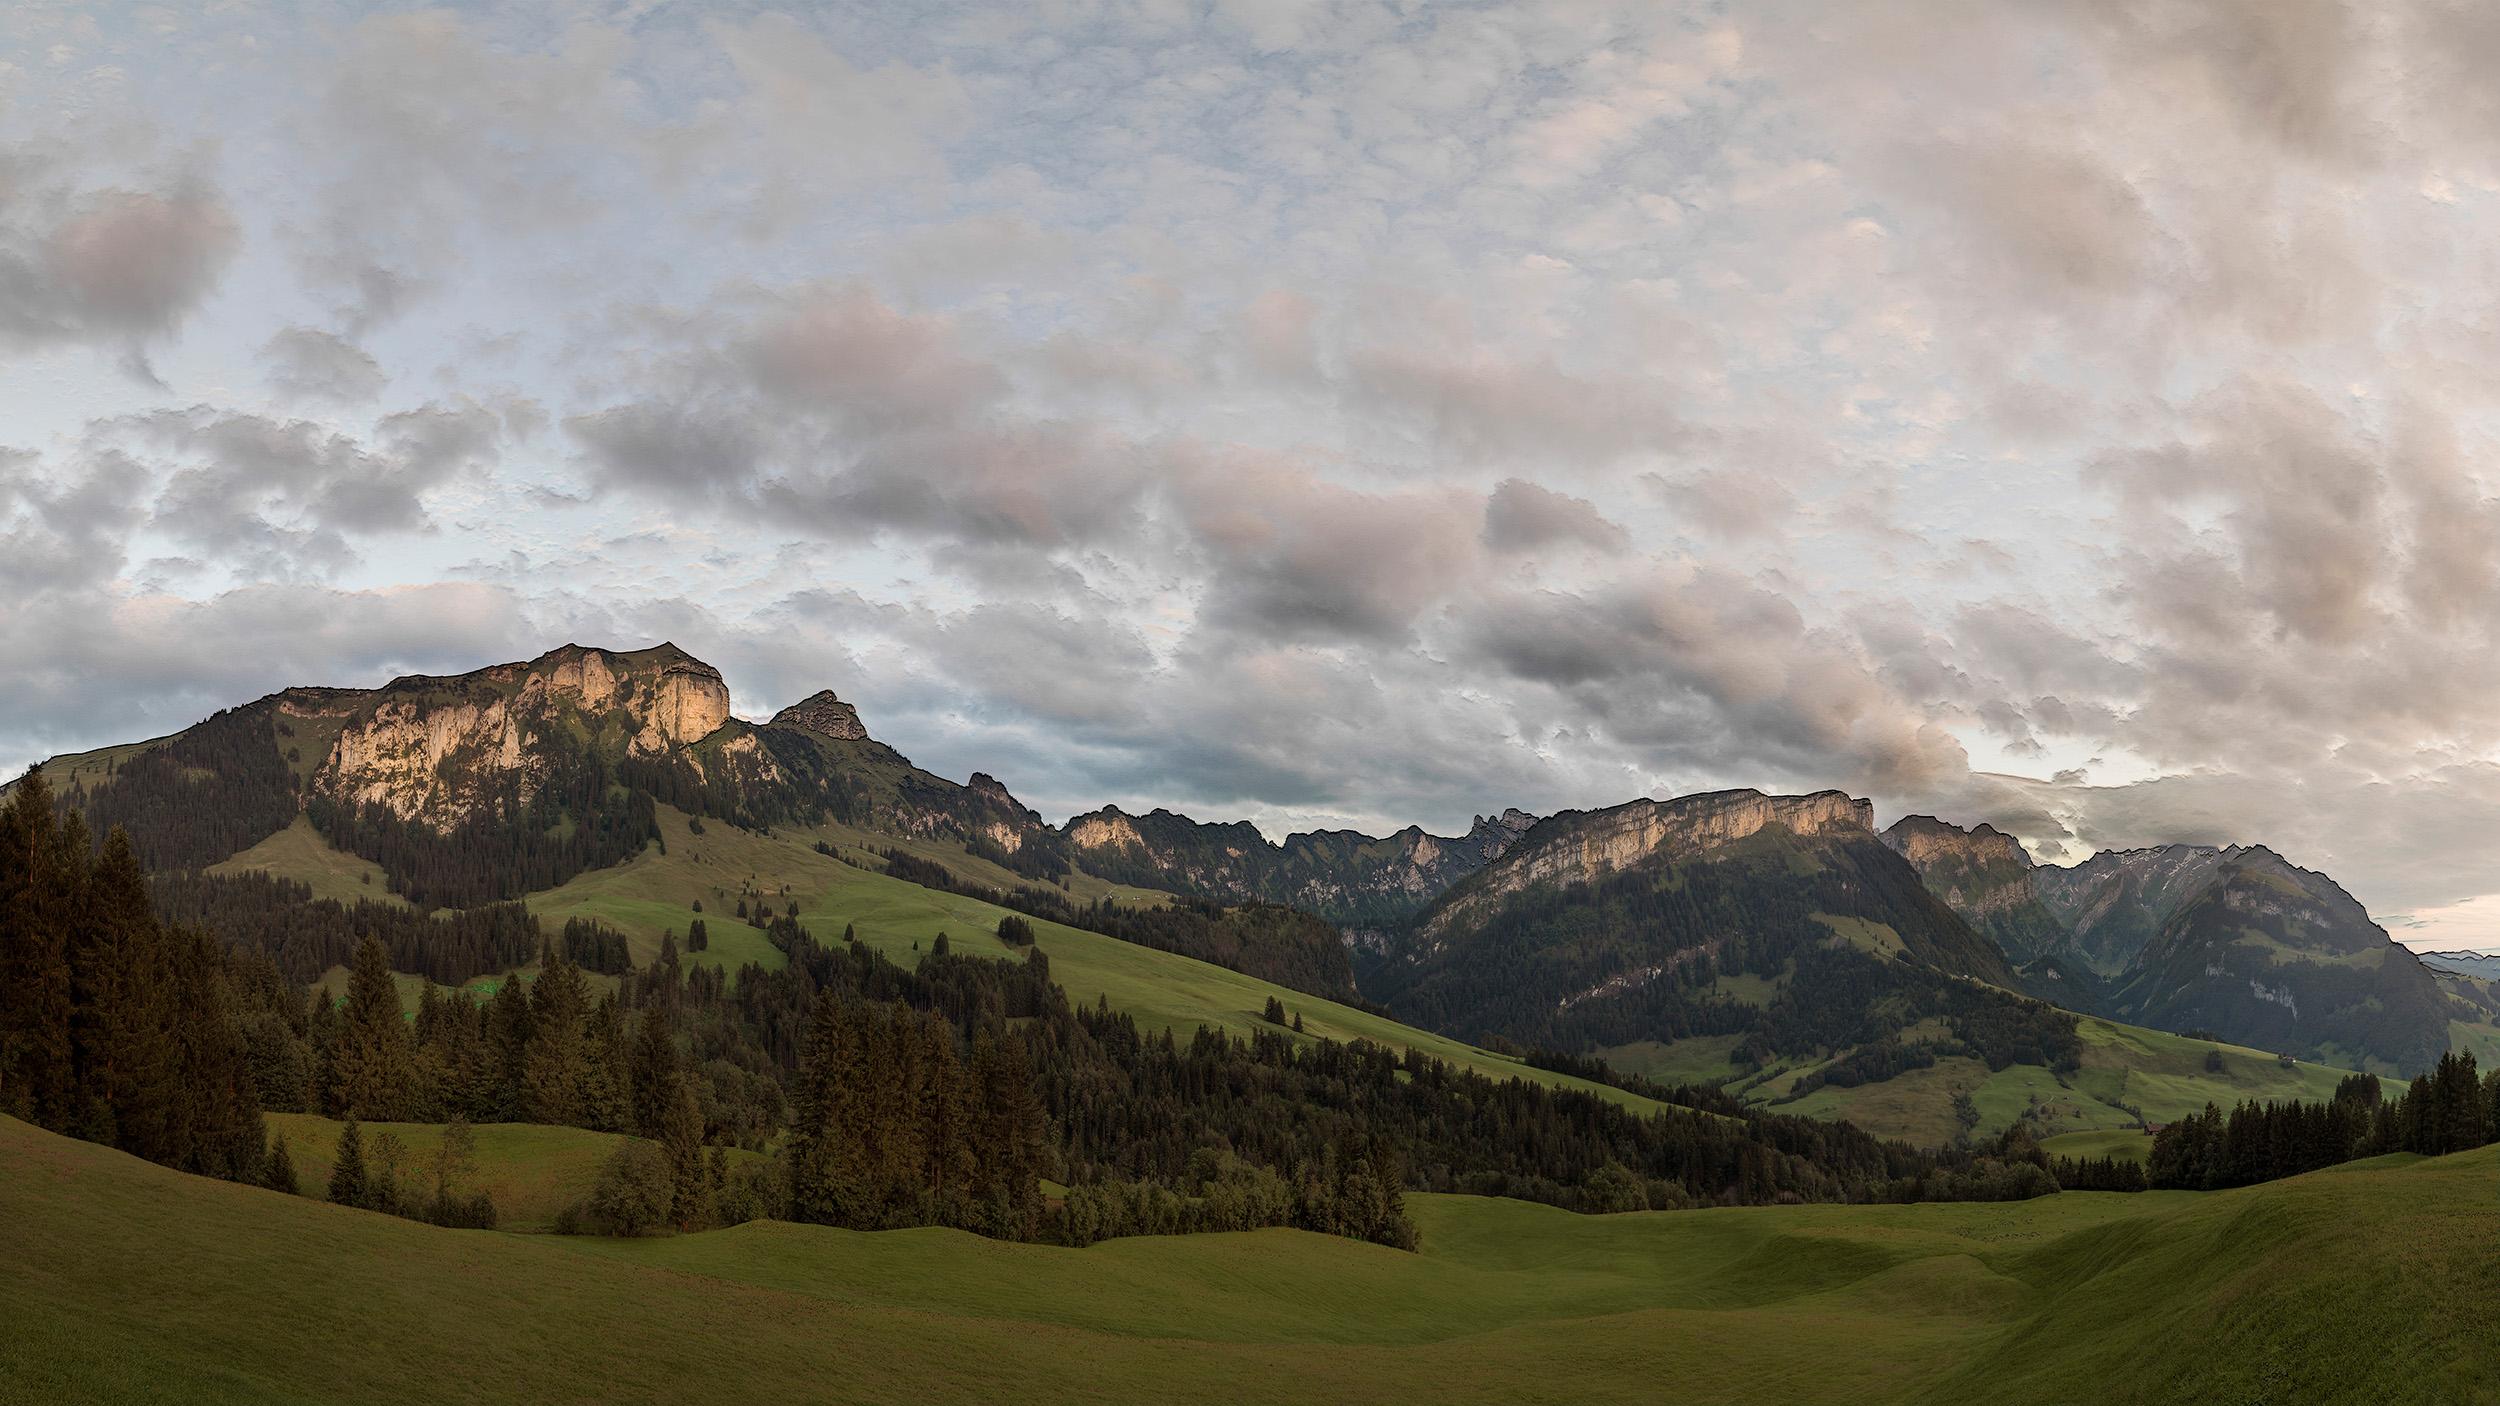 Fotografie | Alp Sigl, Schweiz